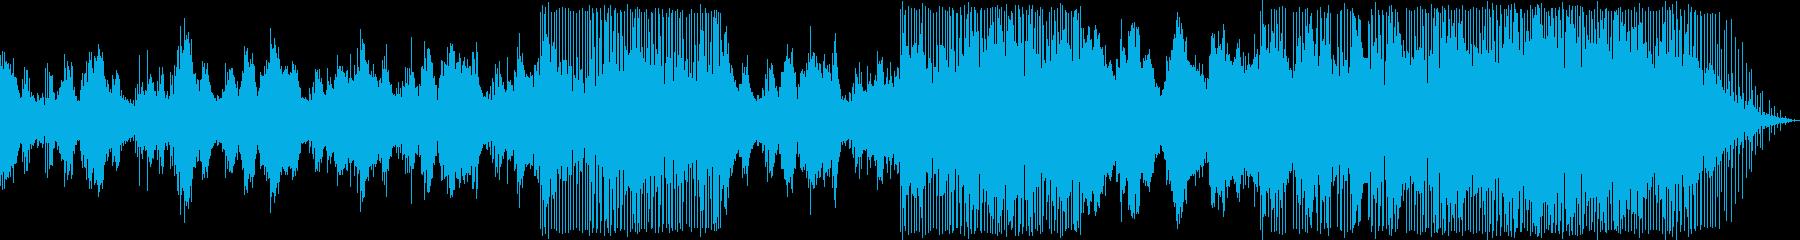 深い洞窟のアンビエントエレクトロニカの再生済みの波形